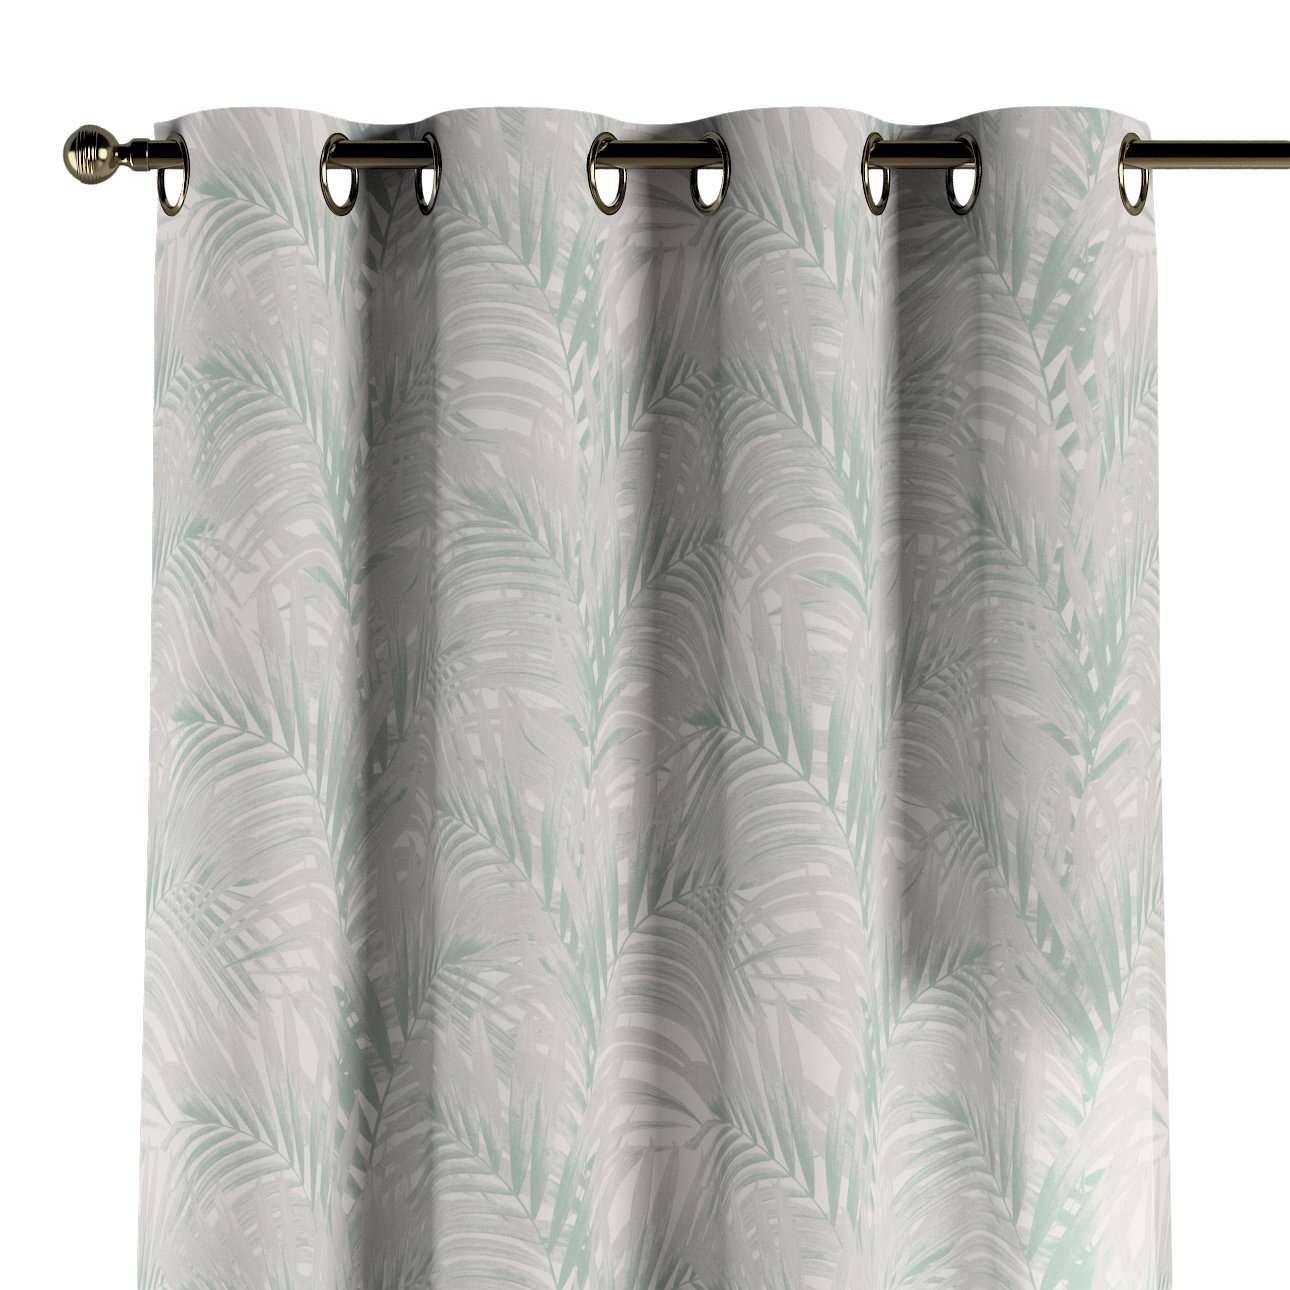 Zasłona na kółkach 1 szt. w kolekcji Gardenia, tkanina: 142-15